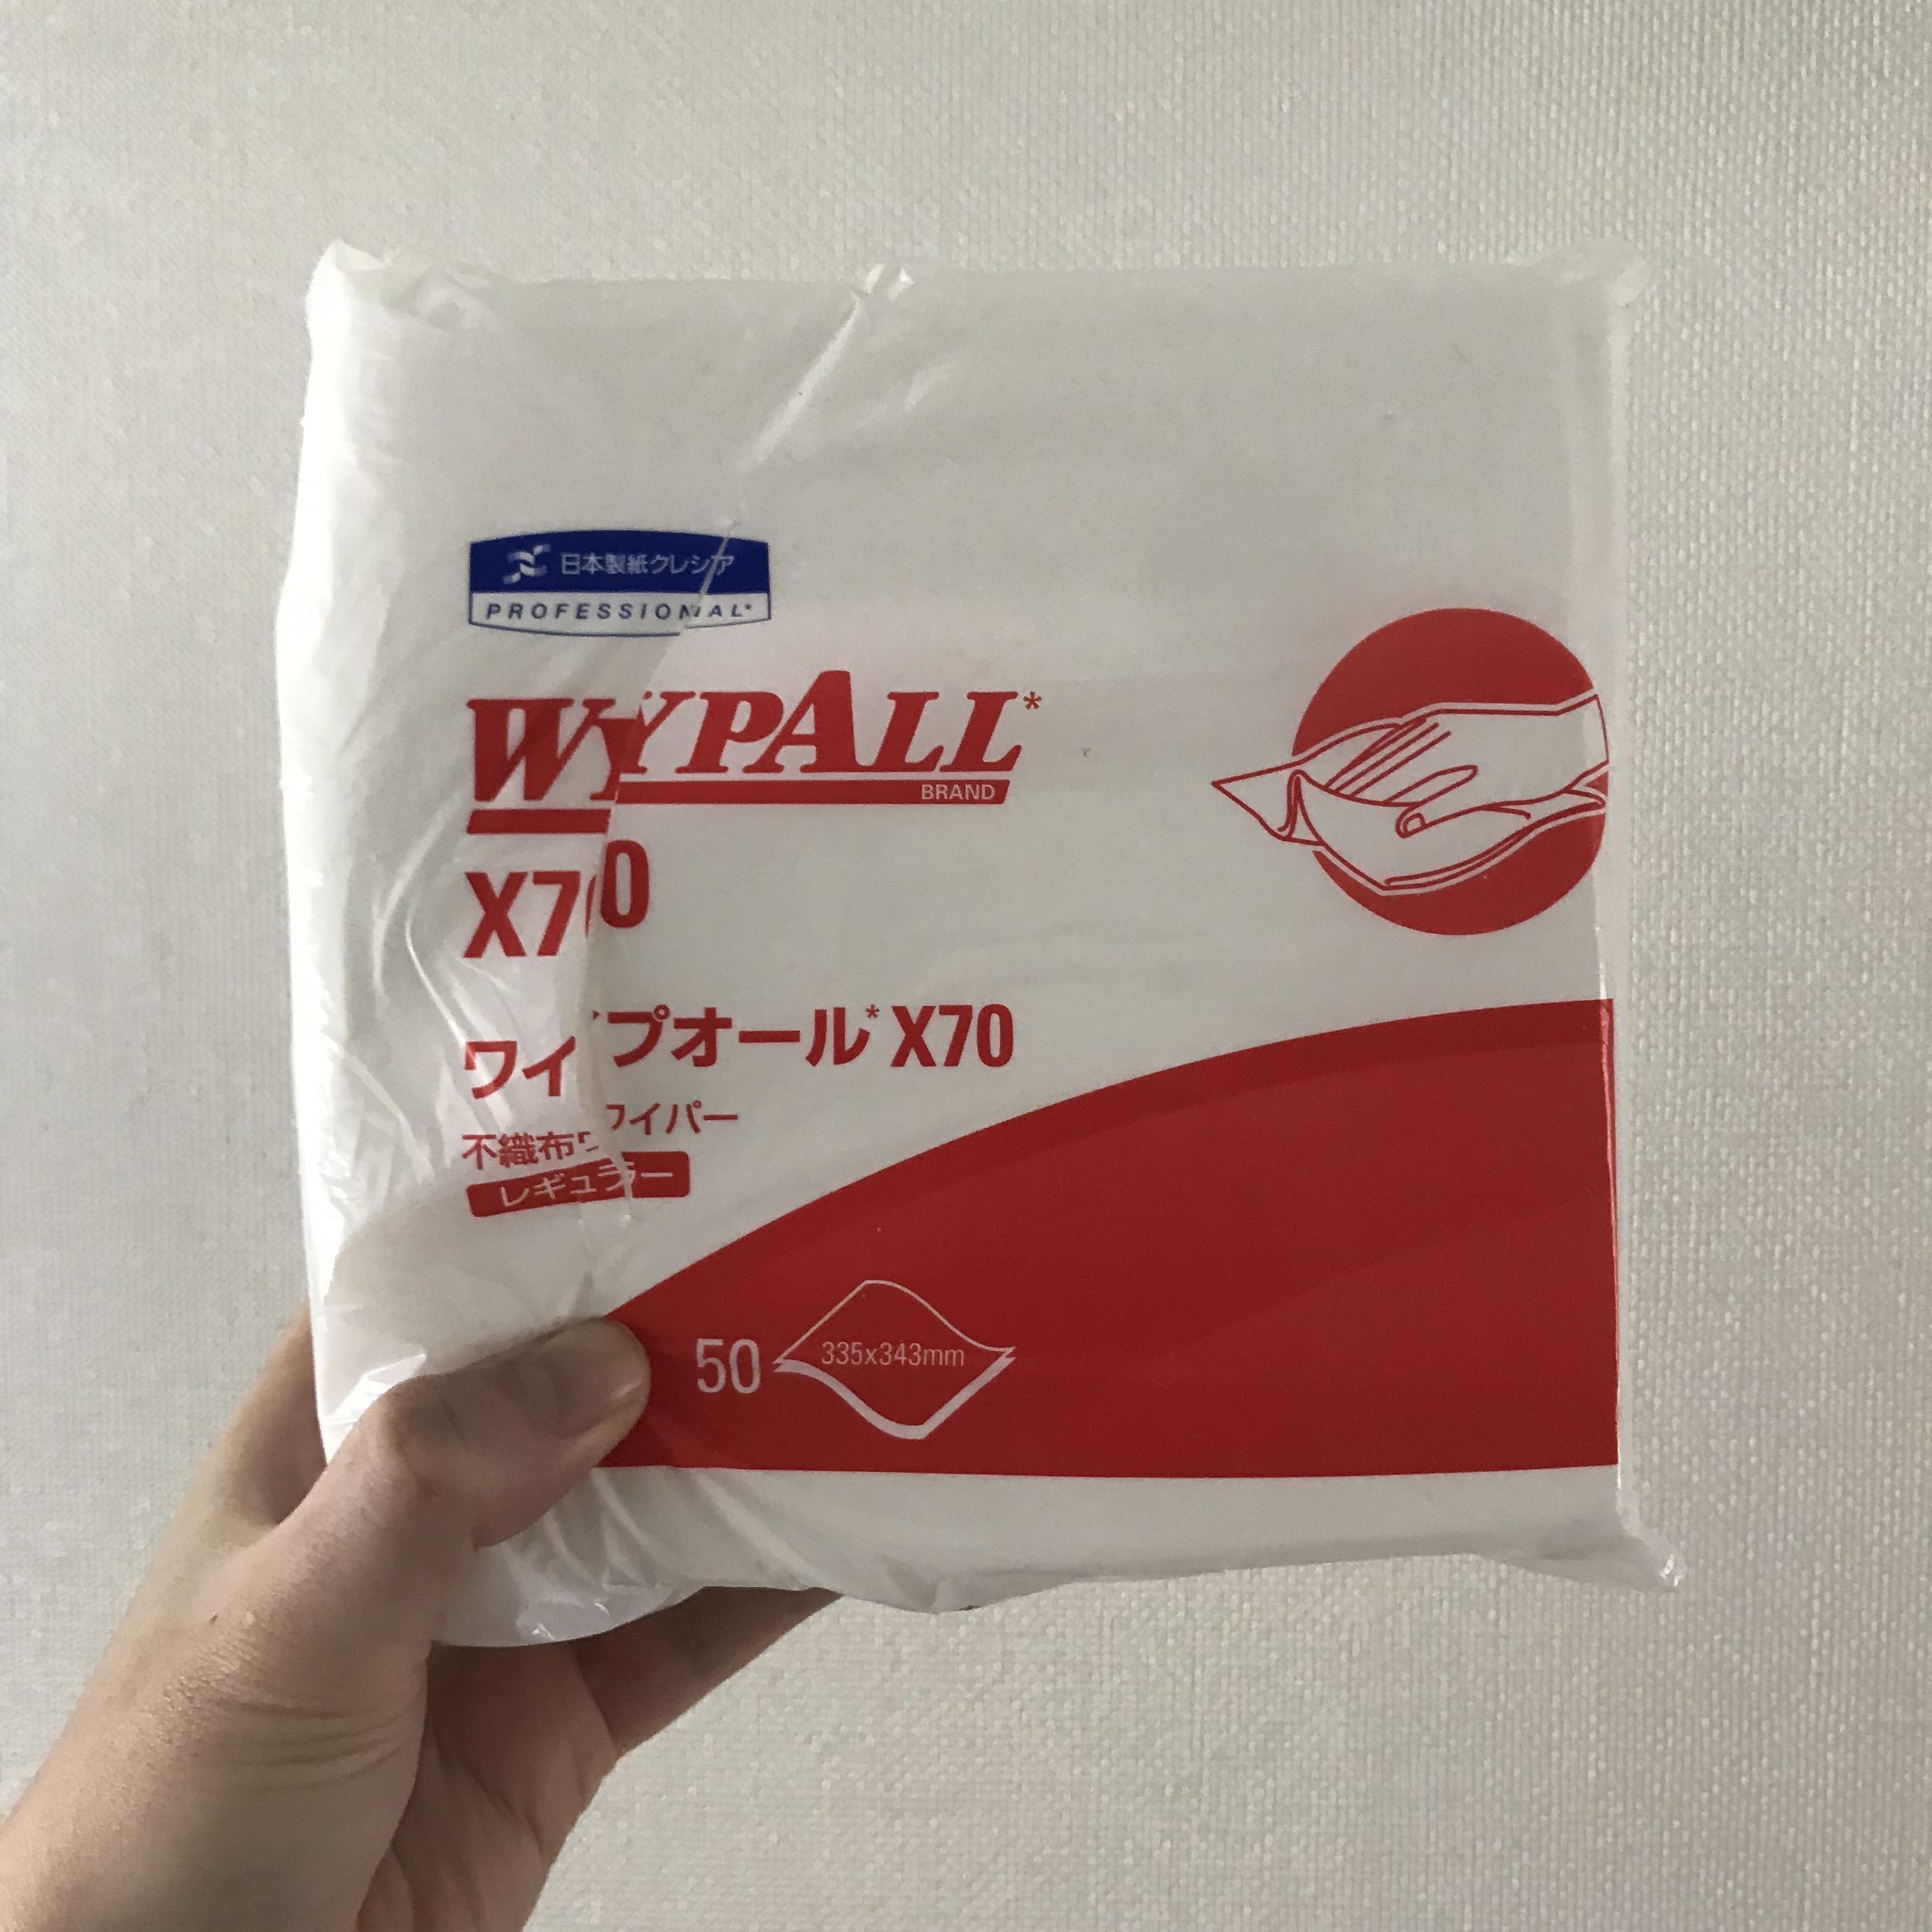 「ワイプオール」丈夫で大活躍する不織布